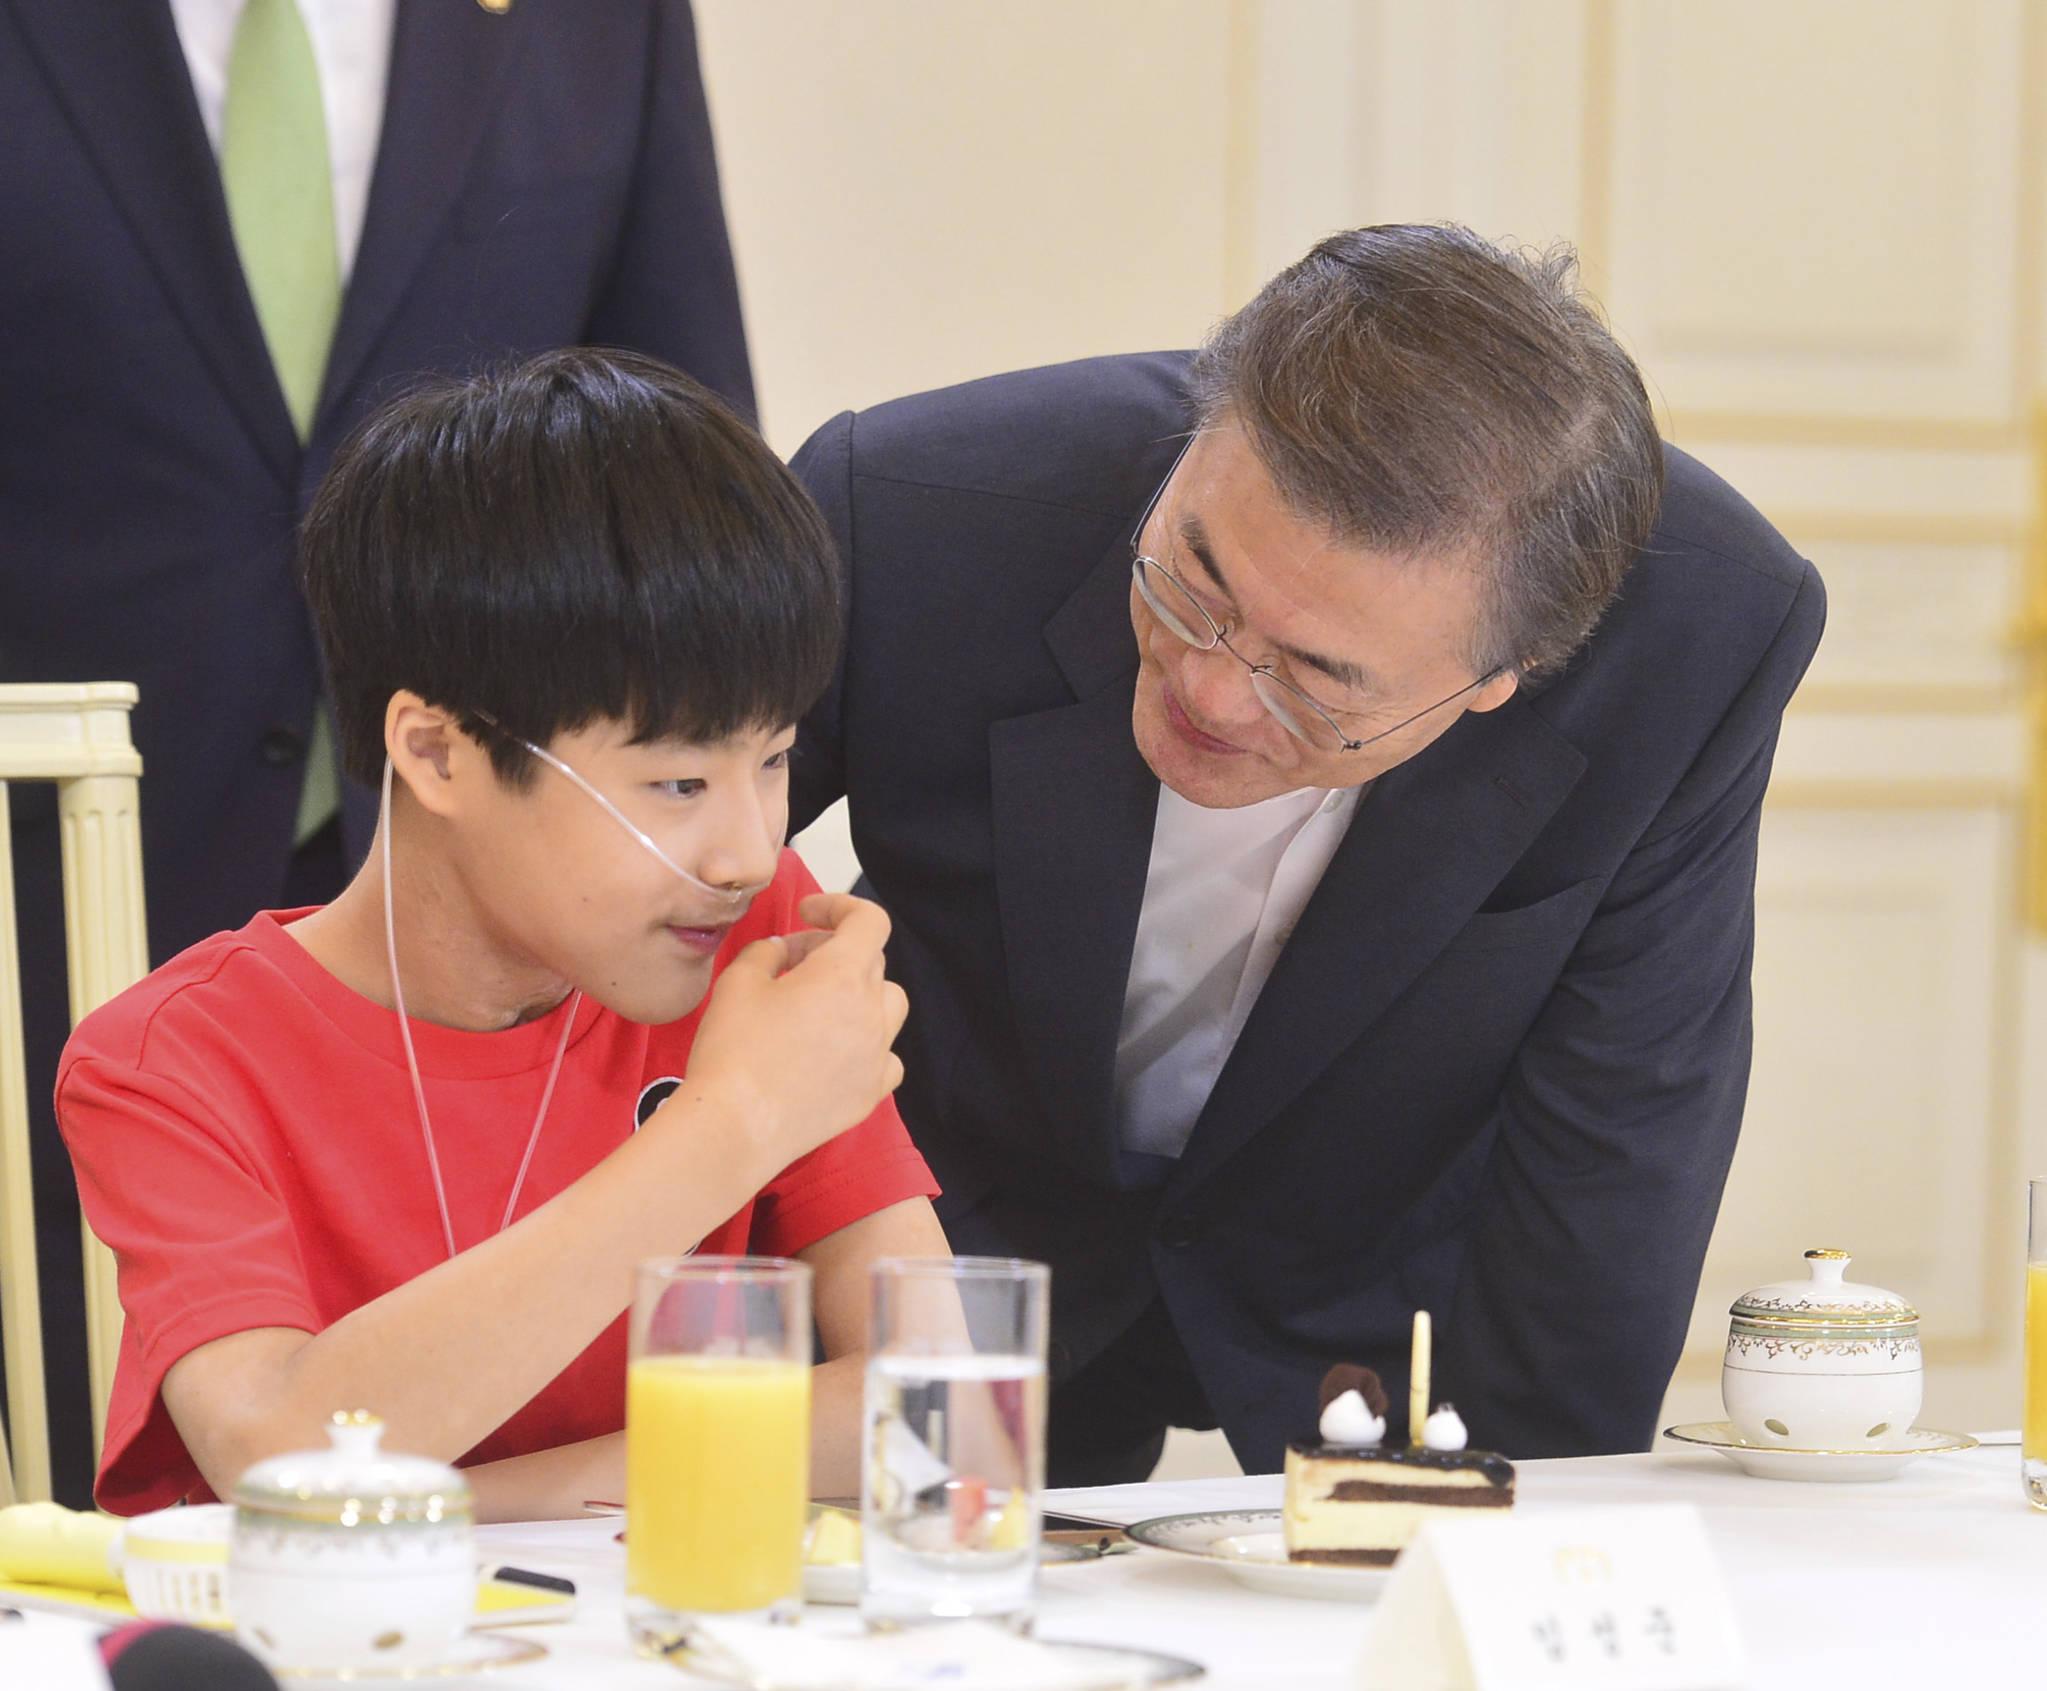 지난해 8월 8일 문재인 대통령이 청와대 인왕실에서 가습기 살균제 피해자 간담회에 참석한 피해자 임성준군과 대화하고 있다. 청와대사진기자단